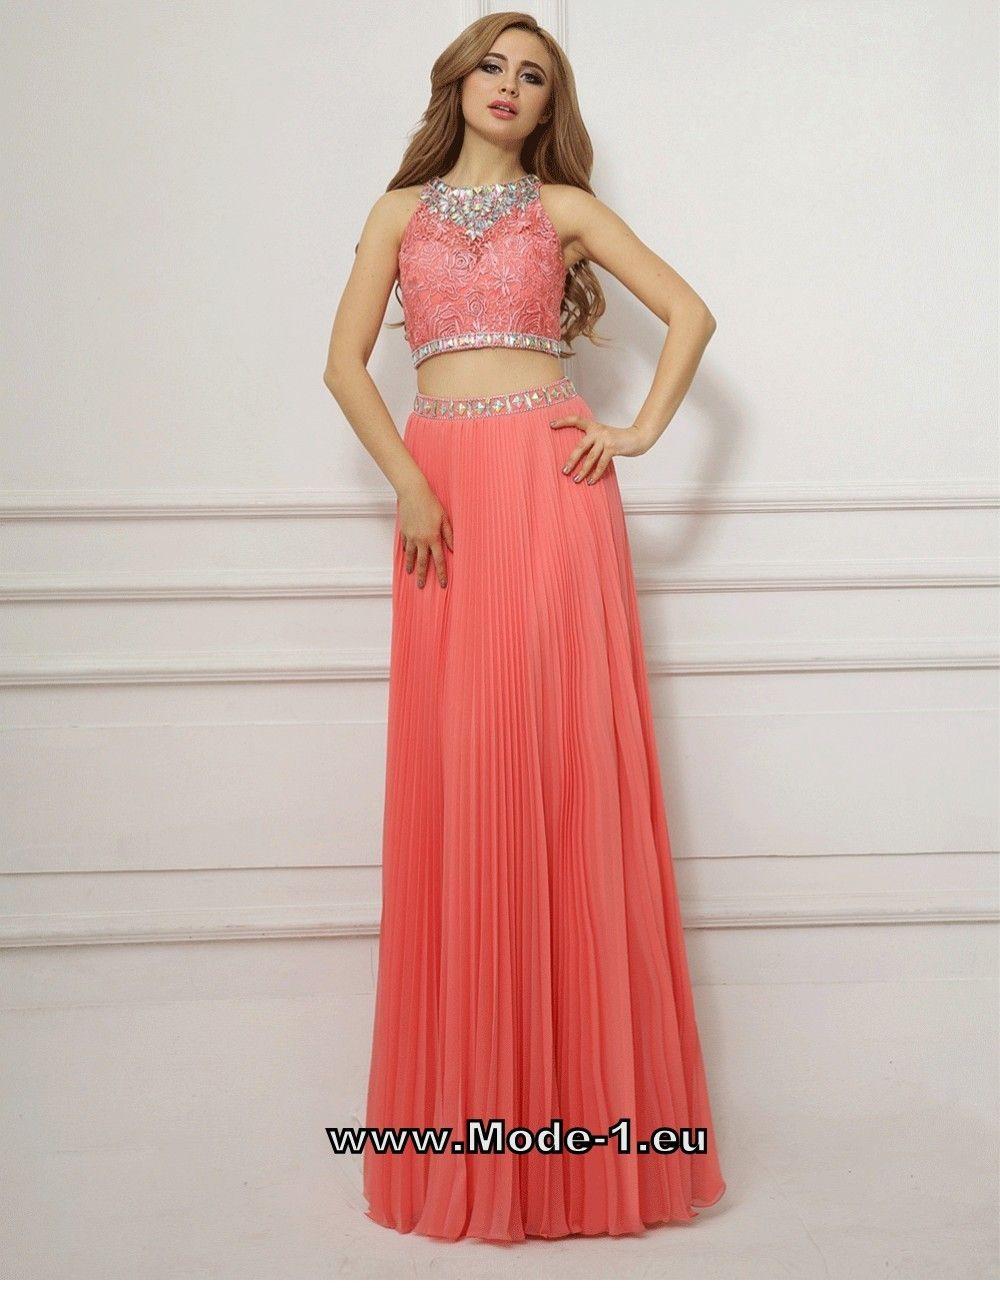 13 Cool Abendkleider Lang Pink StylishDesigner Genial Abendkleider Lang Pink Vertrieb